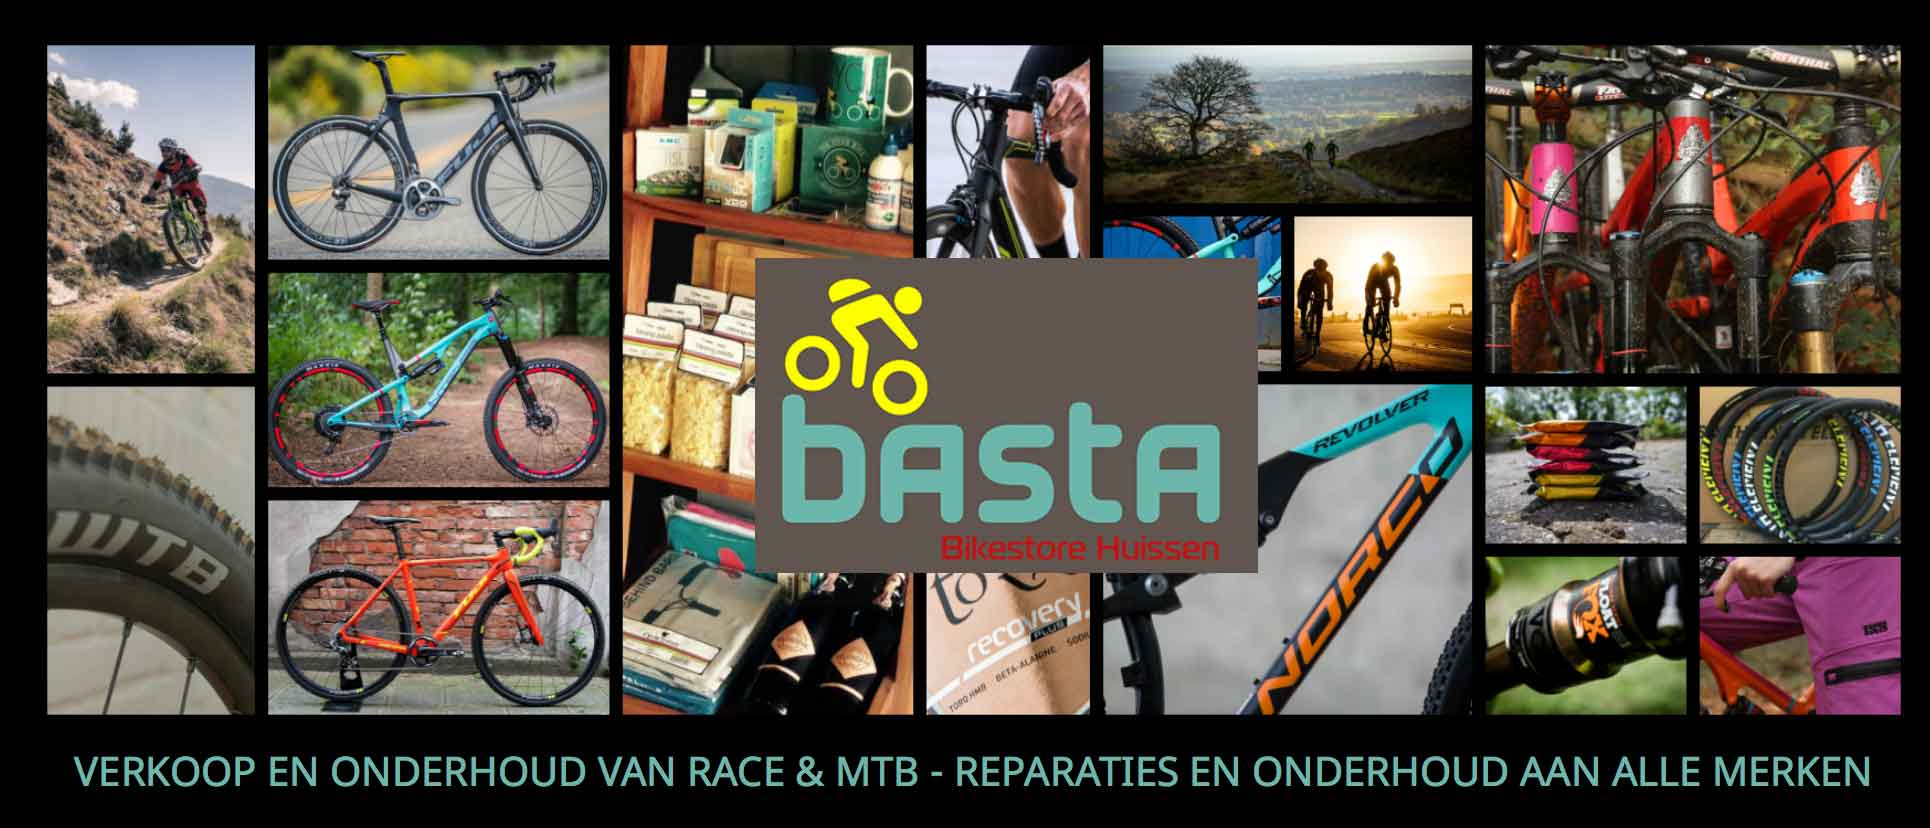 BASTA_banneer_bikeparks